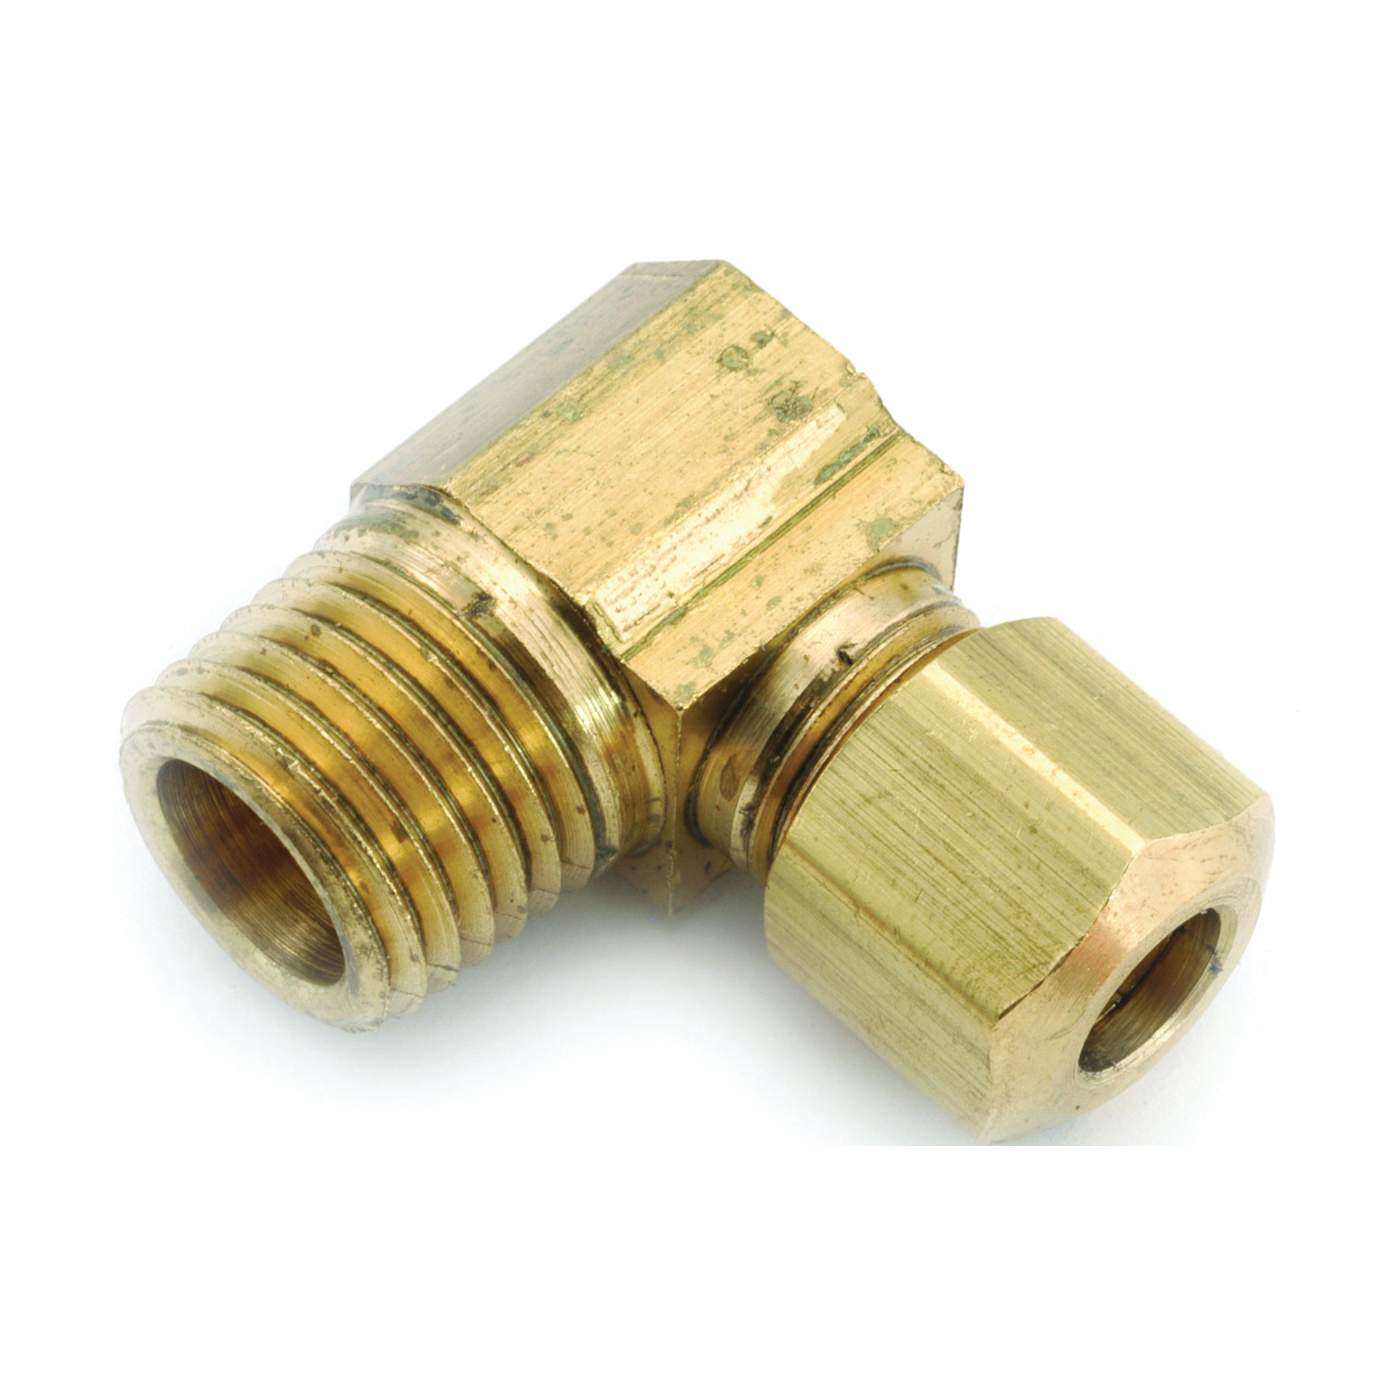 Anderson Metals 750069-0604